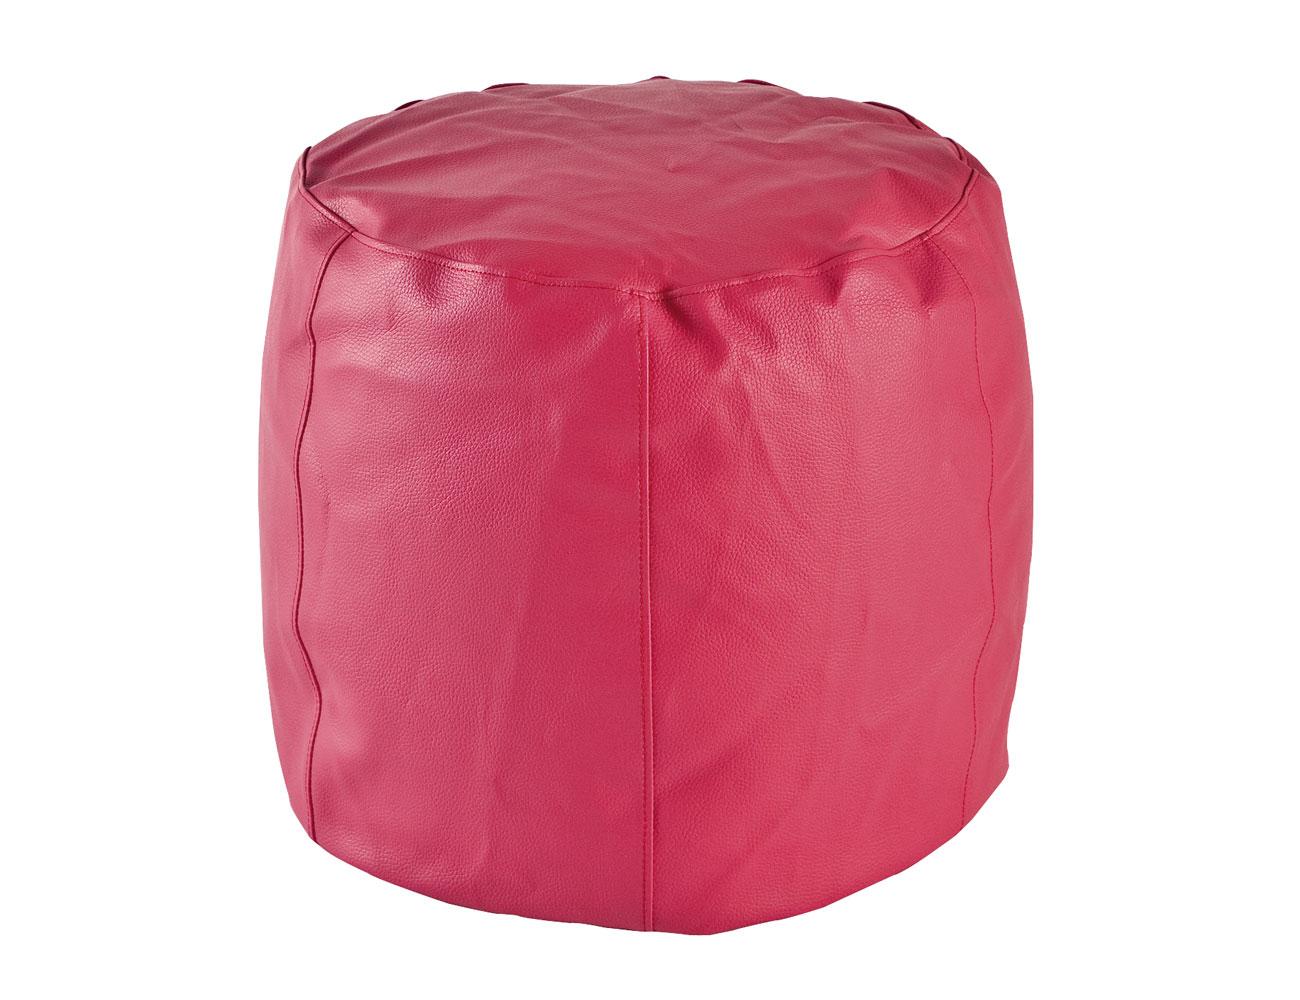 42 redondo amoldable rojo4